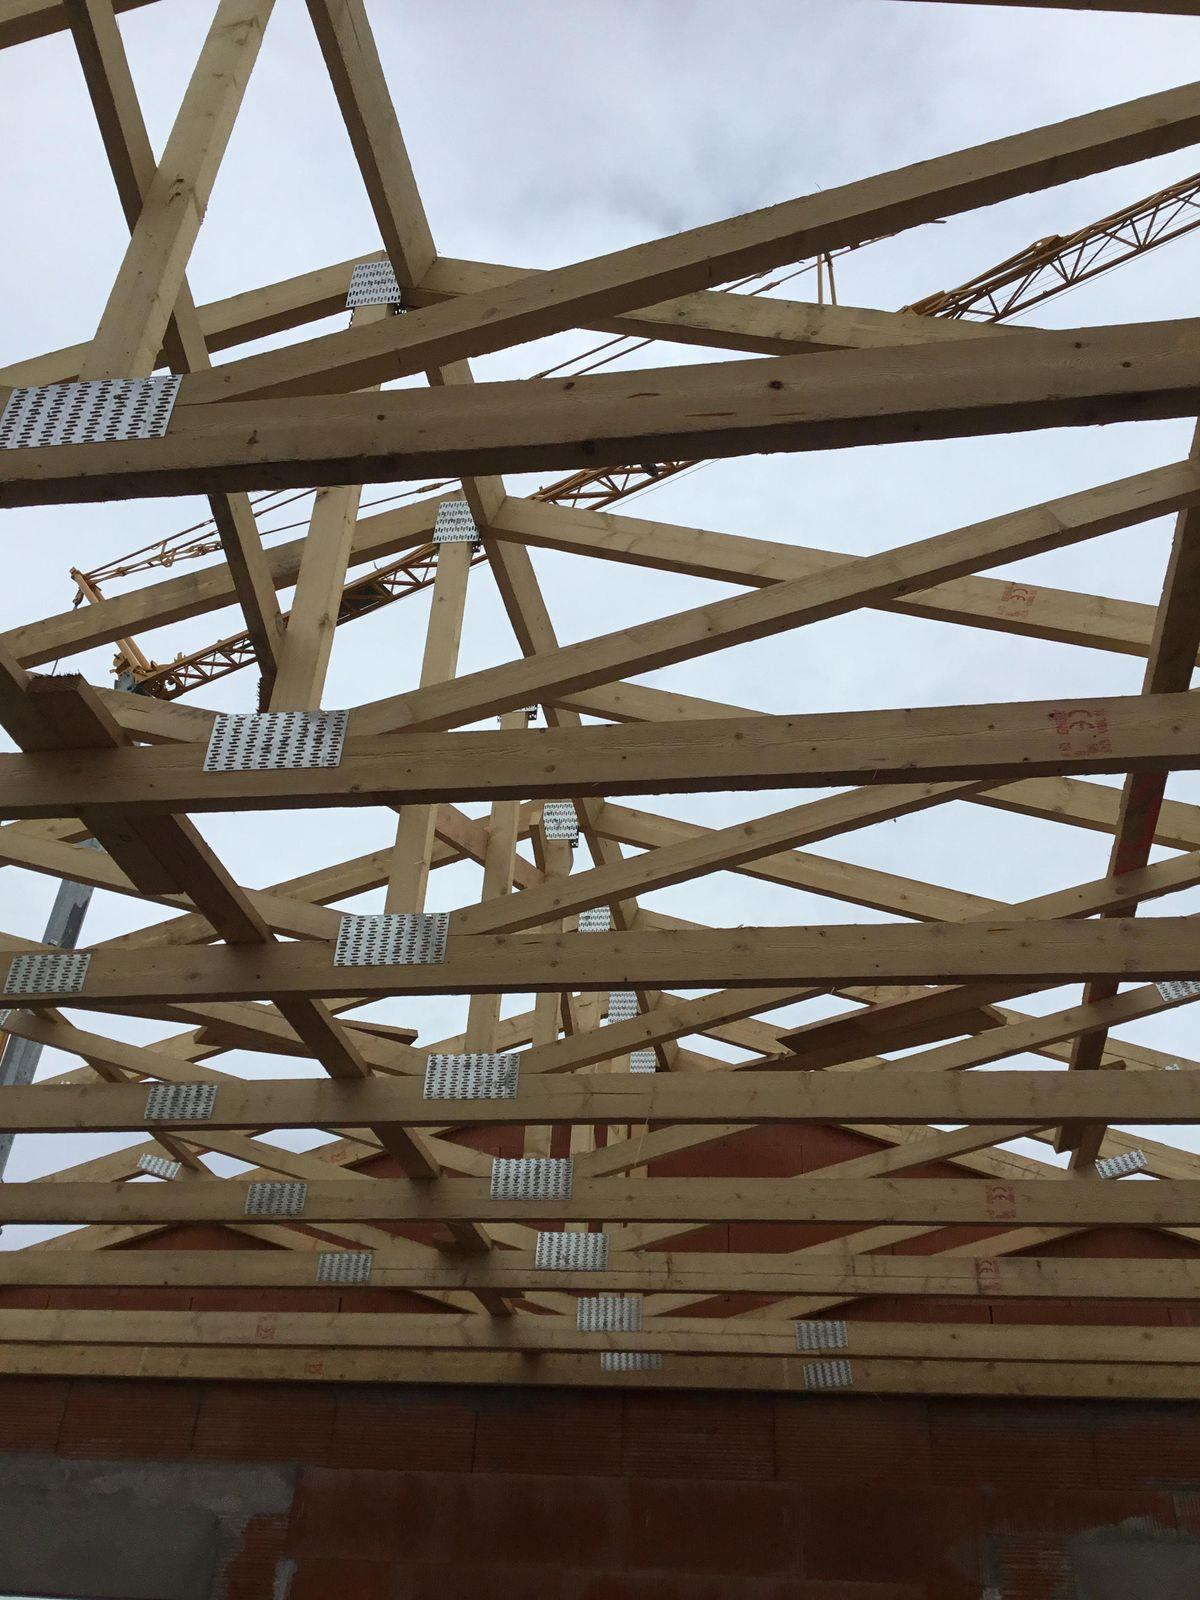 Charpente Americaine Fermette Industrielle Bordeaux Cavignac Libourne Charpentier Fermette Construction Maisons Immeubles Residentiels Betiments De Collectivites